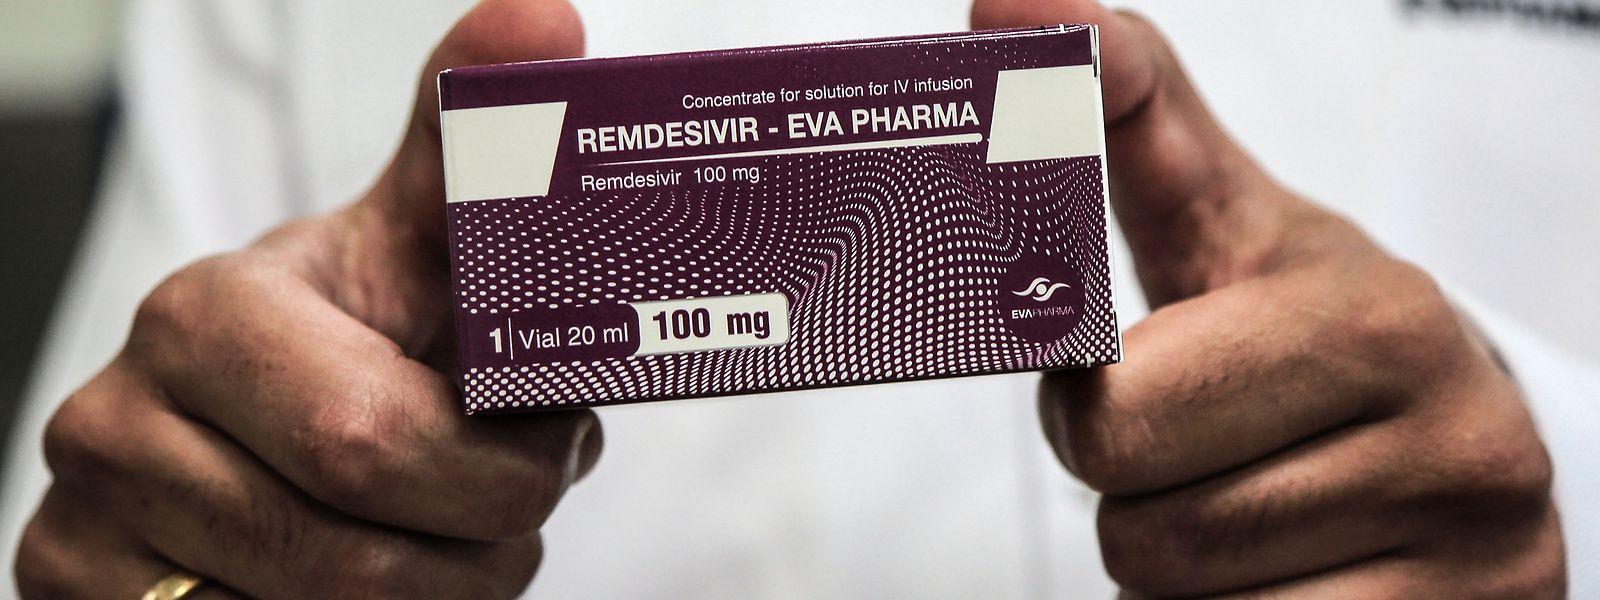 Ein Mitarbeiter des Pharmaunternehmens «Eva Pharma» hält eine Medikamenten-Verpackung des Wirkstoffs Remdesivir, einem antiviralen Breitspektrum-Medikament.